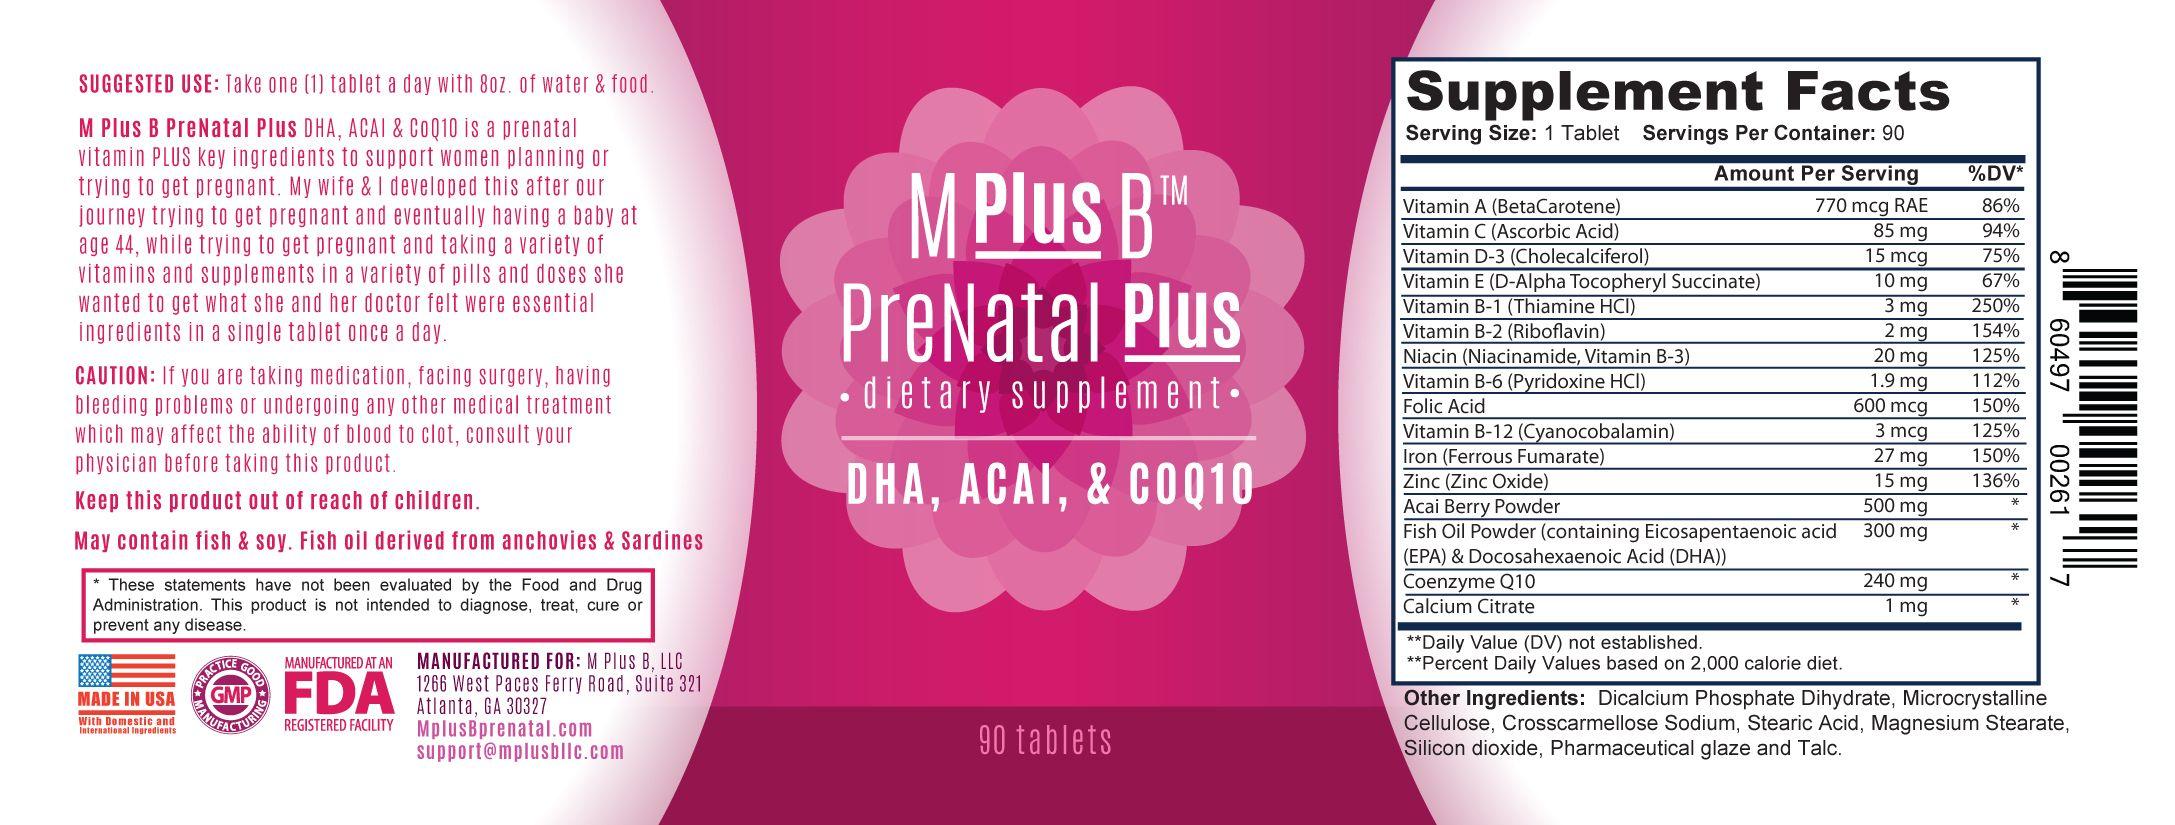 a prenatal plus dha, acai, & coq10 | prenatal plus dha acai & coq10